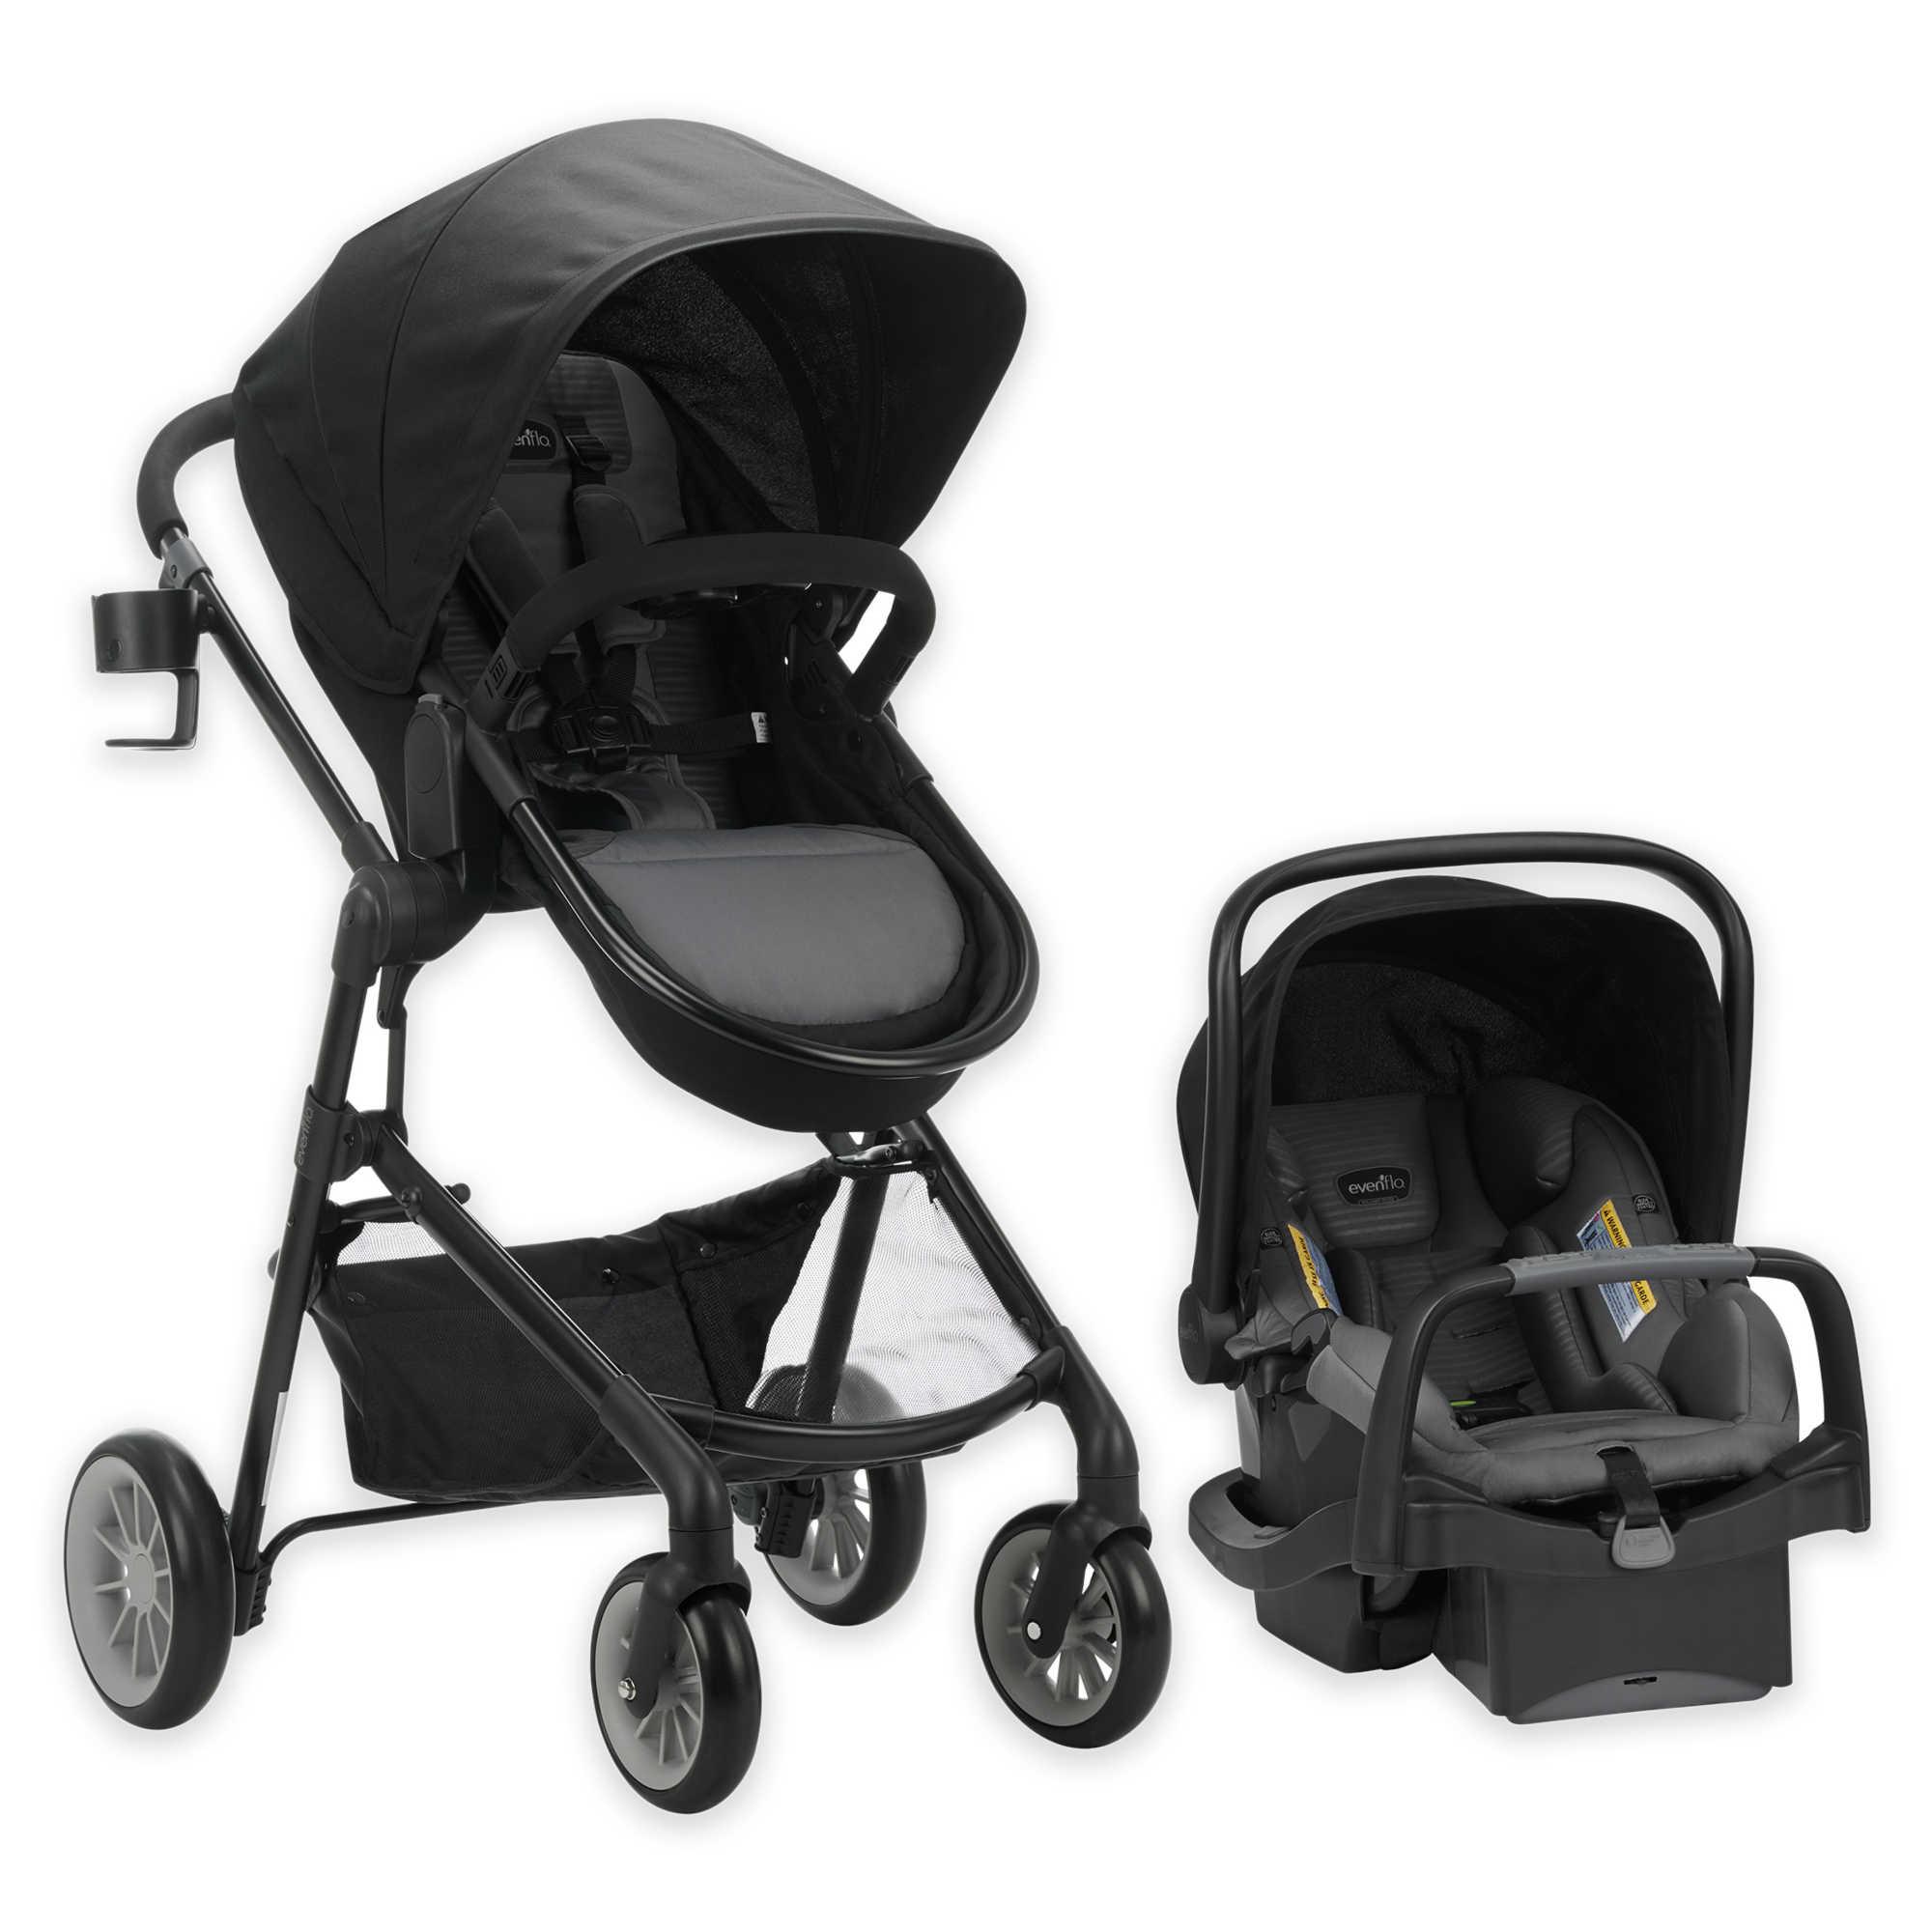 Evenflo Discovery 5 Infant Car Seat Recall Brokeasshome Com